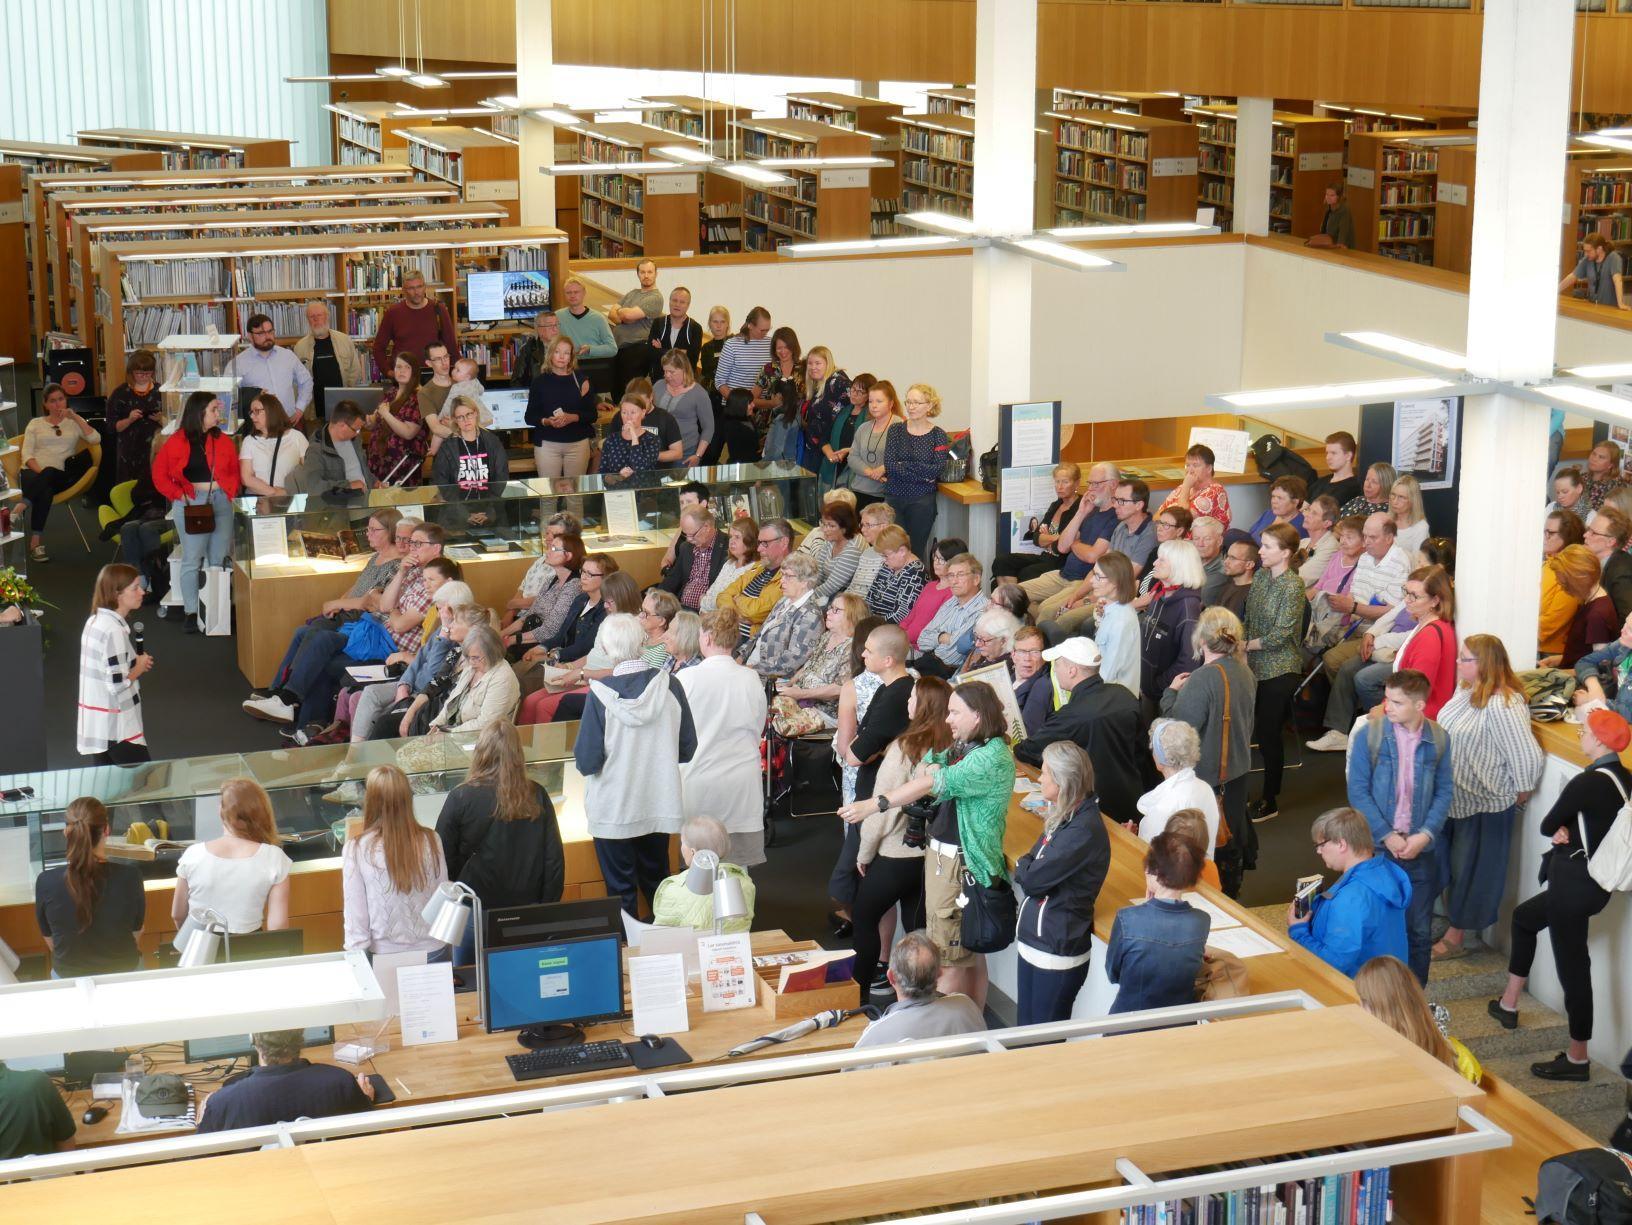 Li andersson talar inför en stor folksamling i biblioteket